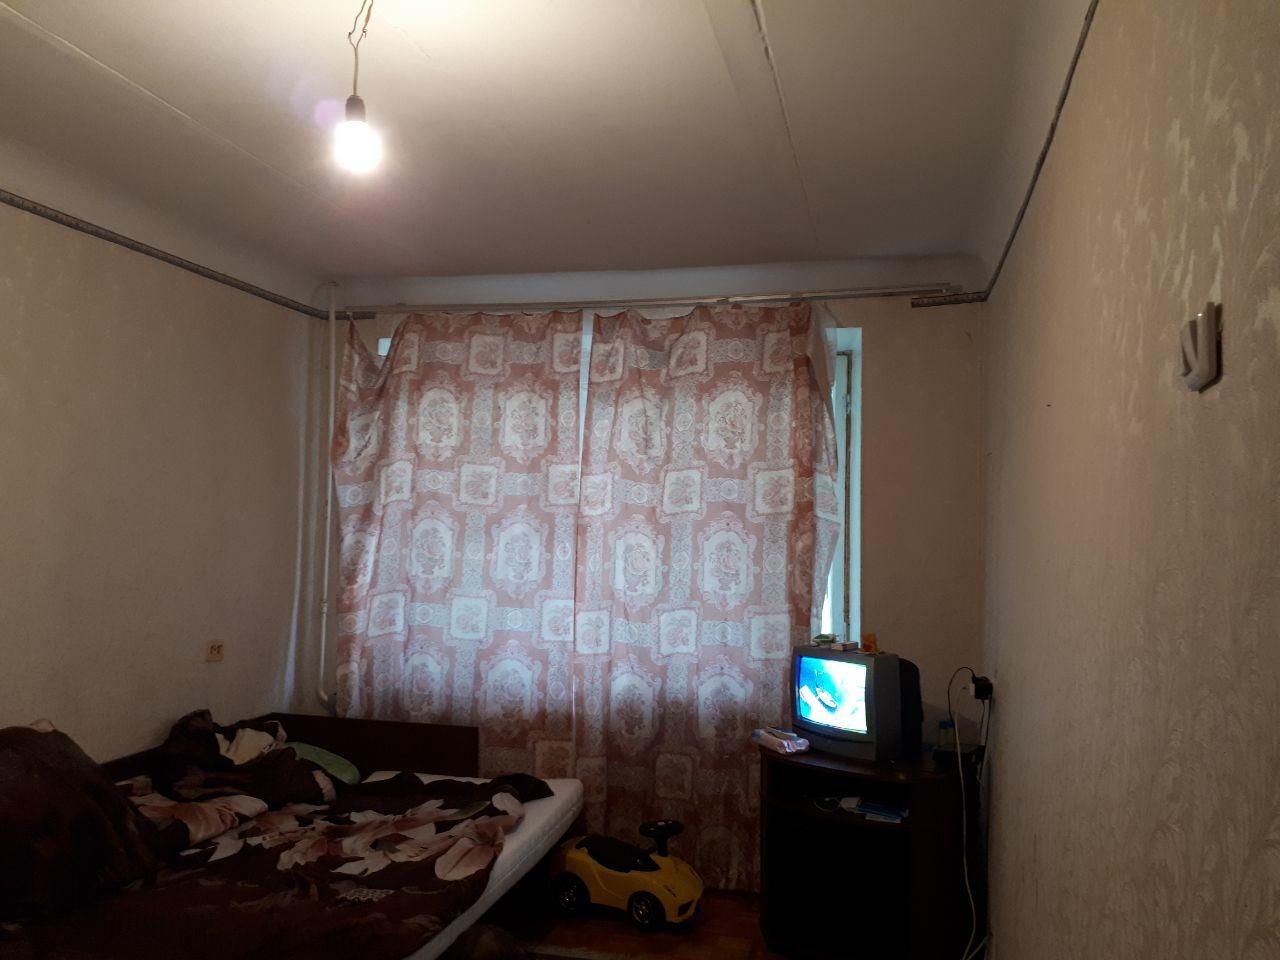 Квартира на продажу по адресу Россия, Московская область, городской округ Ступино, Ступино, улица Куйбышева, 40